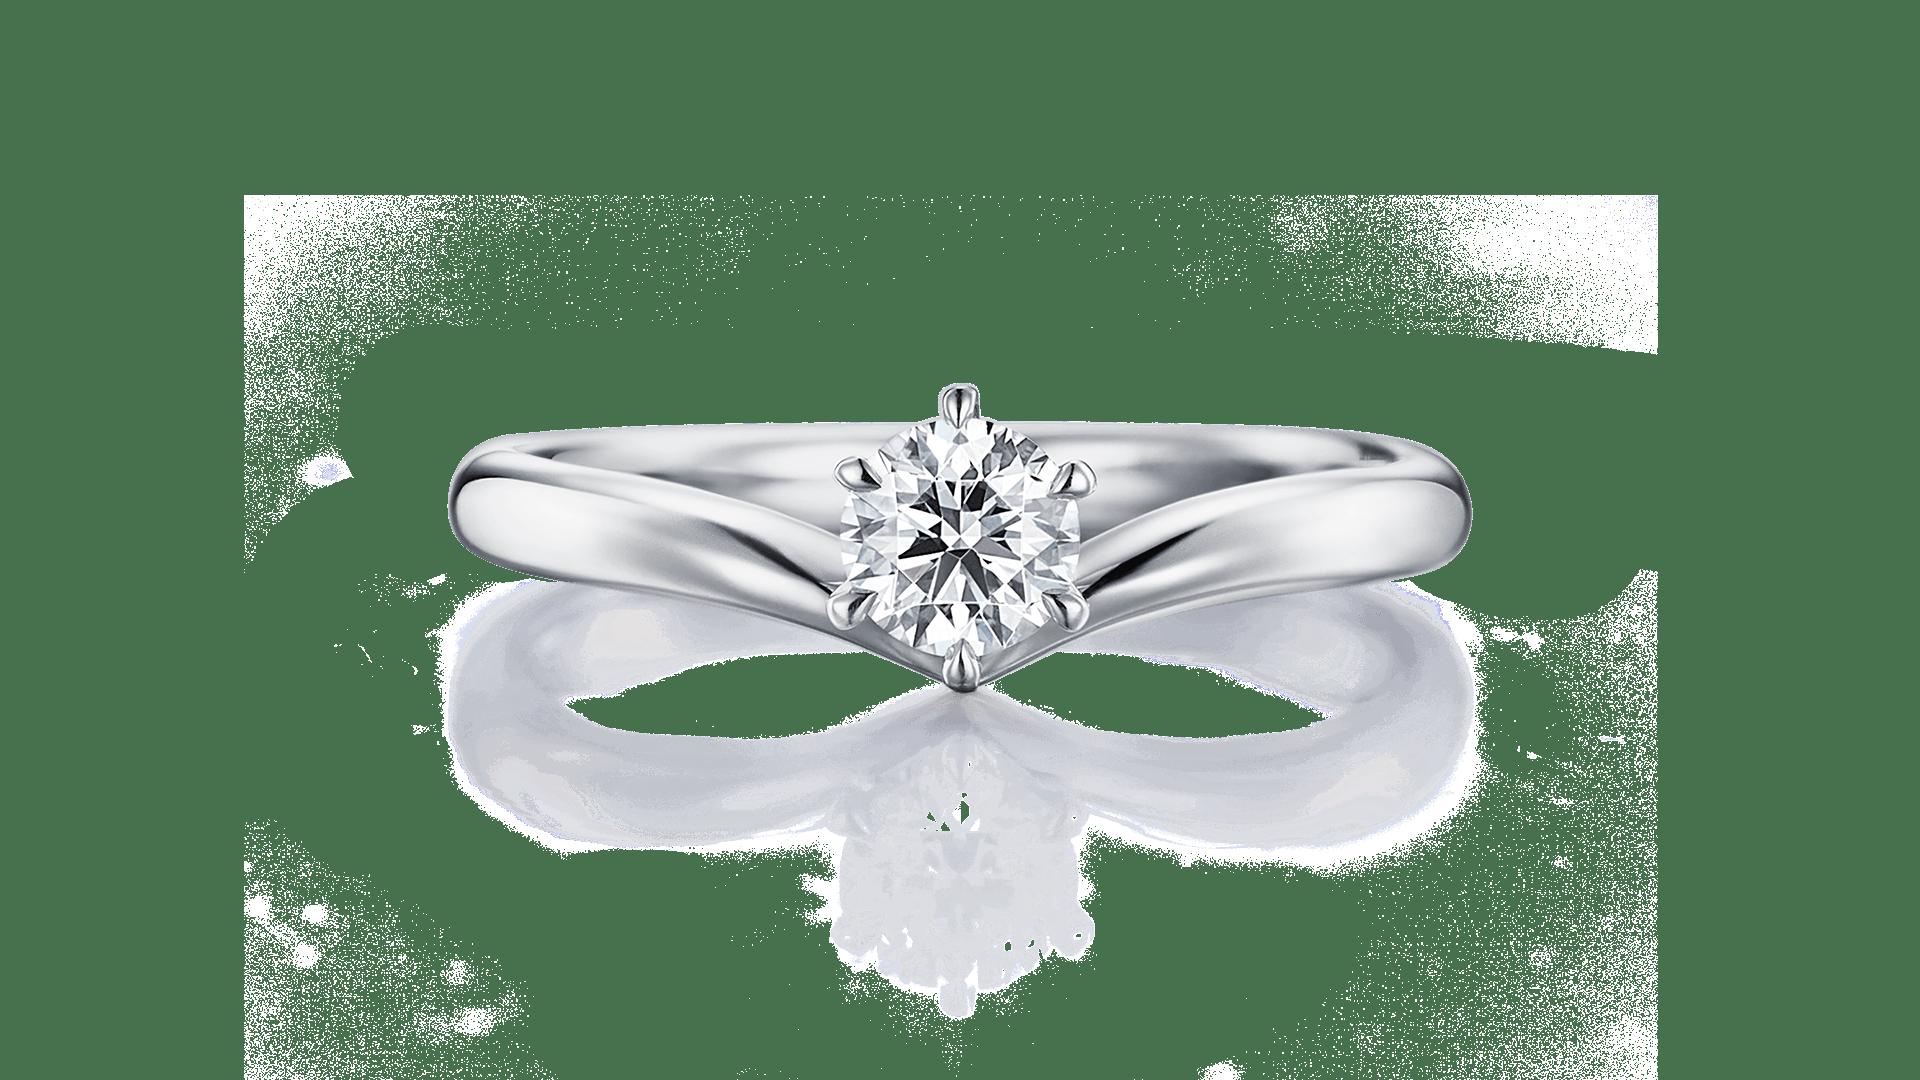 volantis ヴォラティス | 婚約指輪サムネイル 1